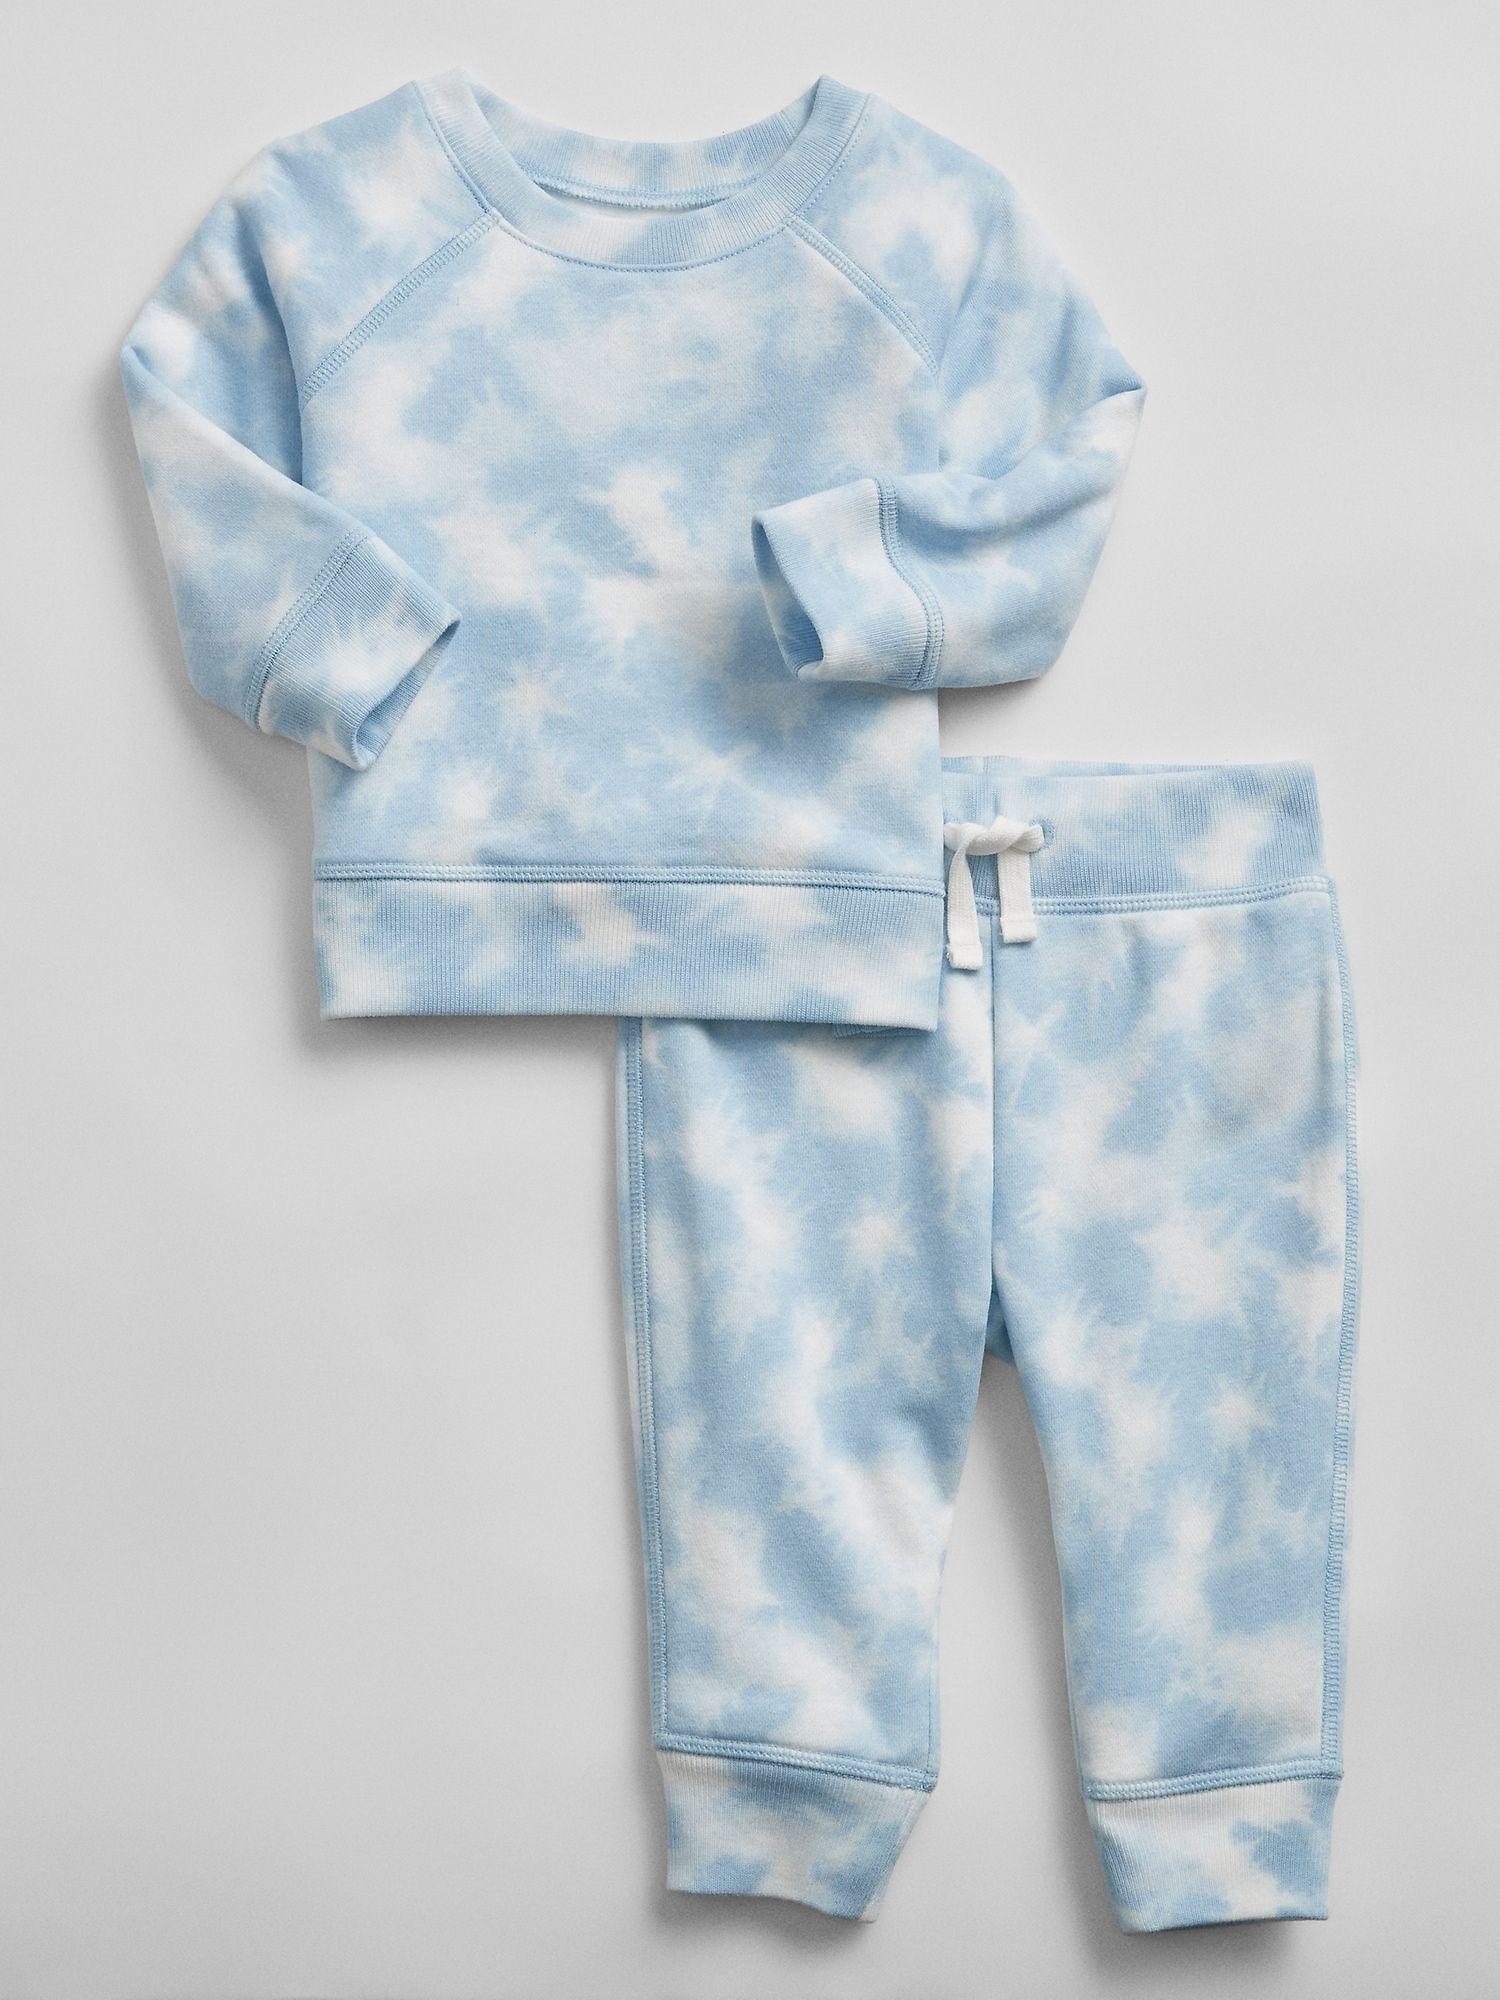 Baby Tie Dye Sweatshirt Set Sweatshirt Set Tie Dye Sweatshirt Baby Tie [ 2000 x 1500 Pixel ]